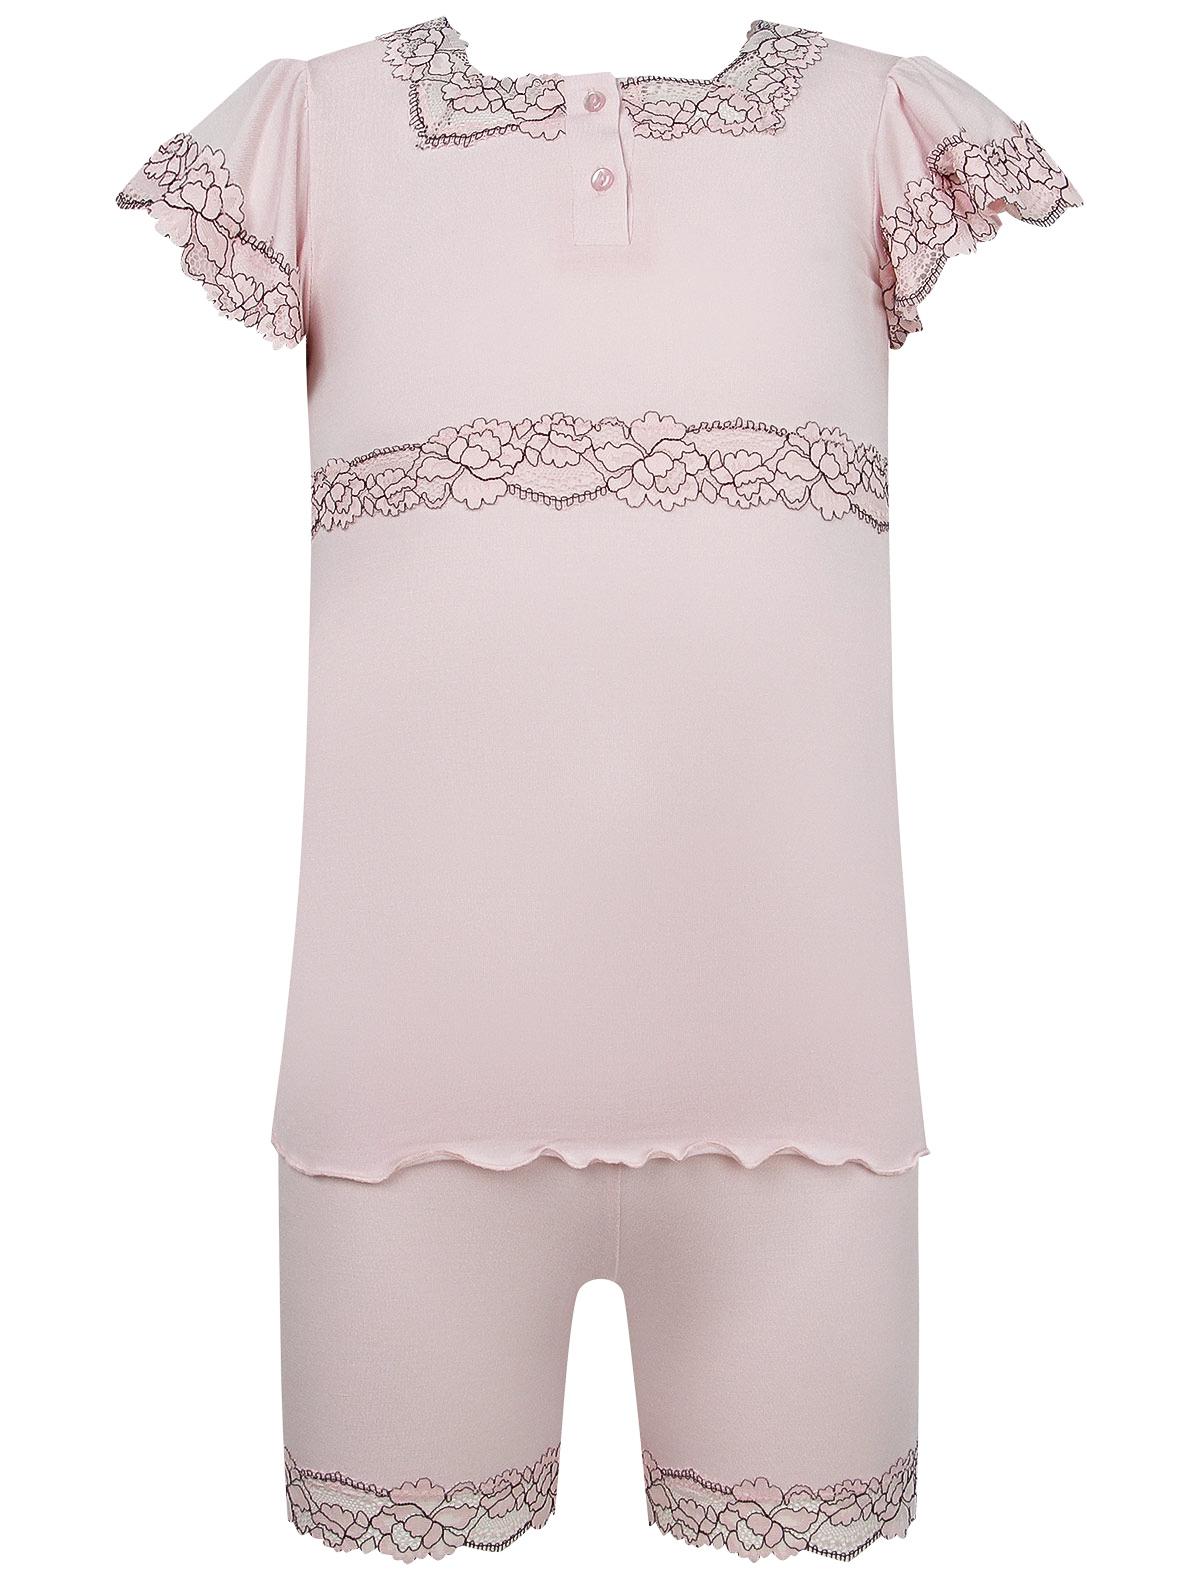 Купить 2144255, Пижама Sognatori, розовый, Женский, 0212609980052